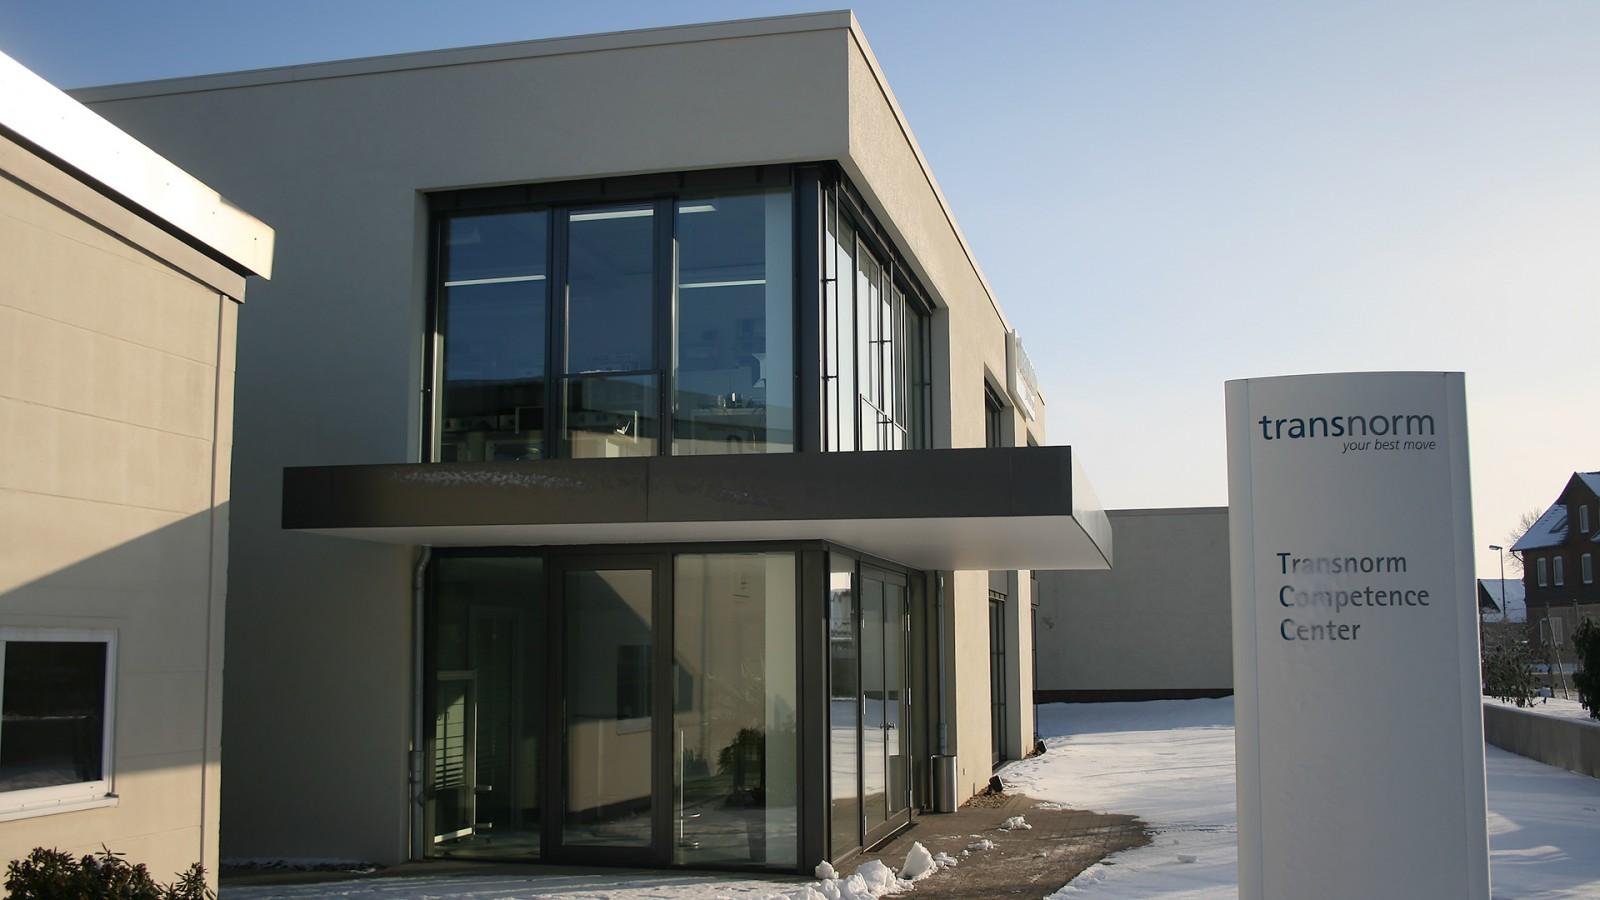 Ausstellungshalle Transnorm | JUNG - Architekturbüro, Innenarchitekturbüro Hildesheim